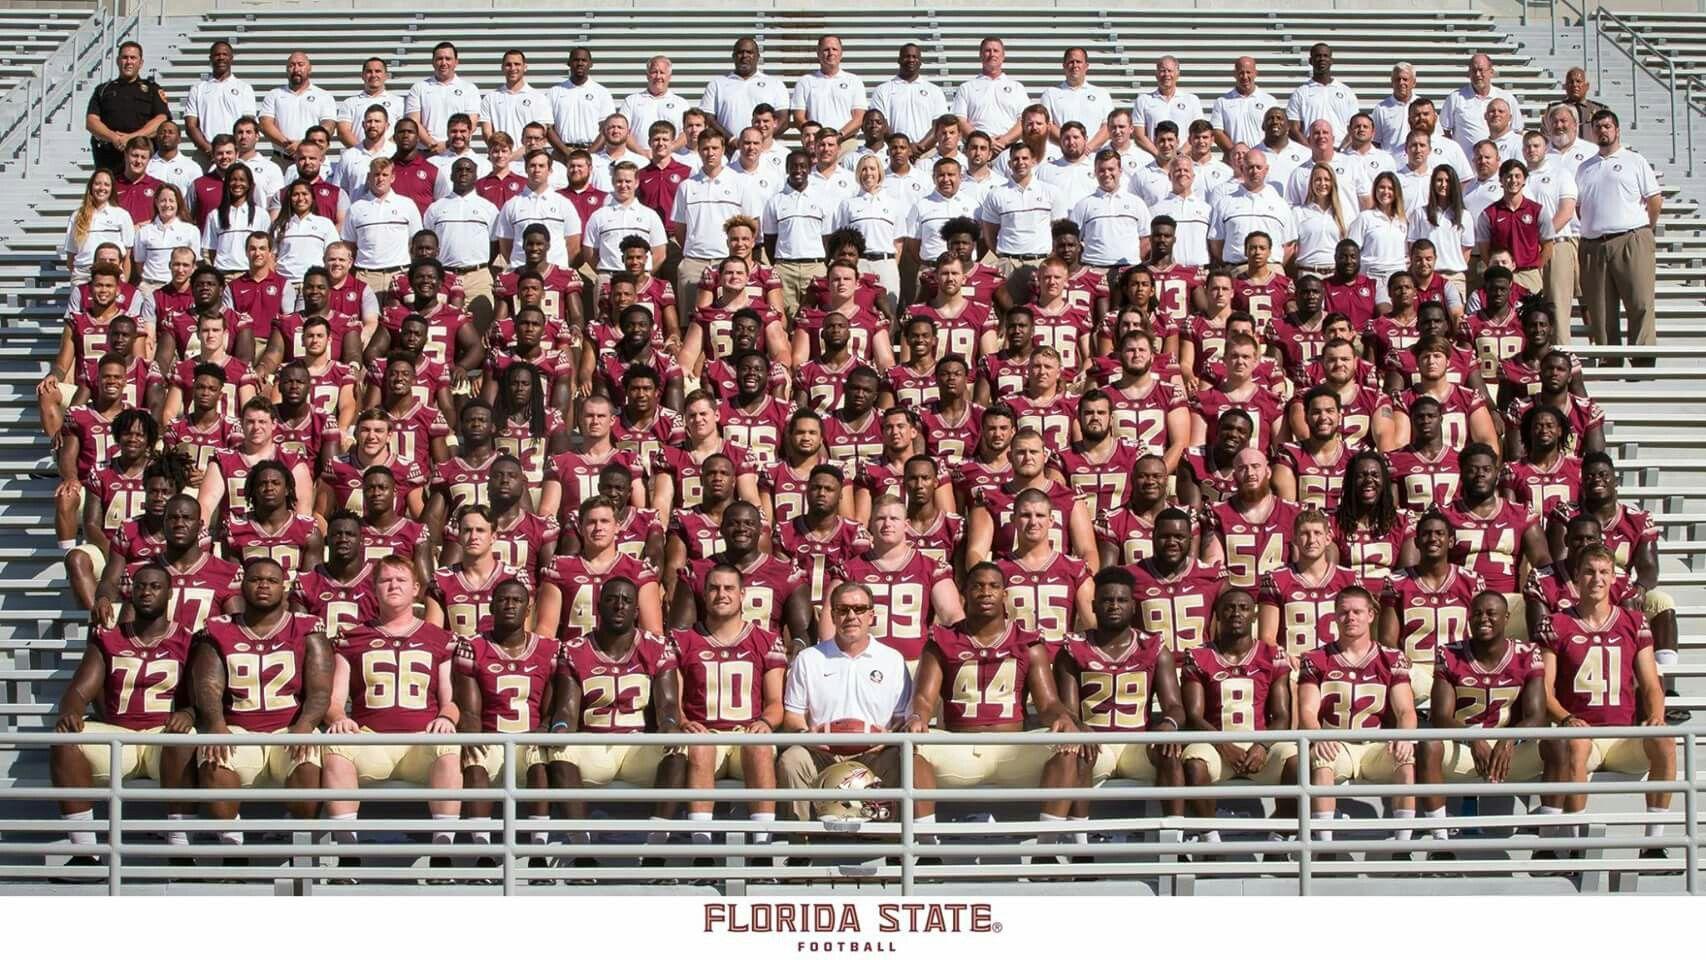 Pin by Ashley on Go Noles!!!! Fsu football, Florida